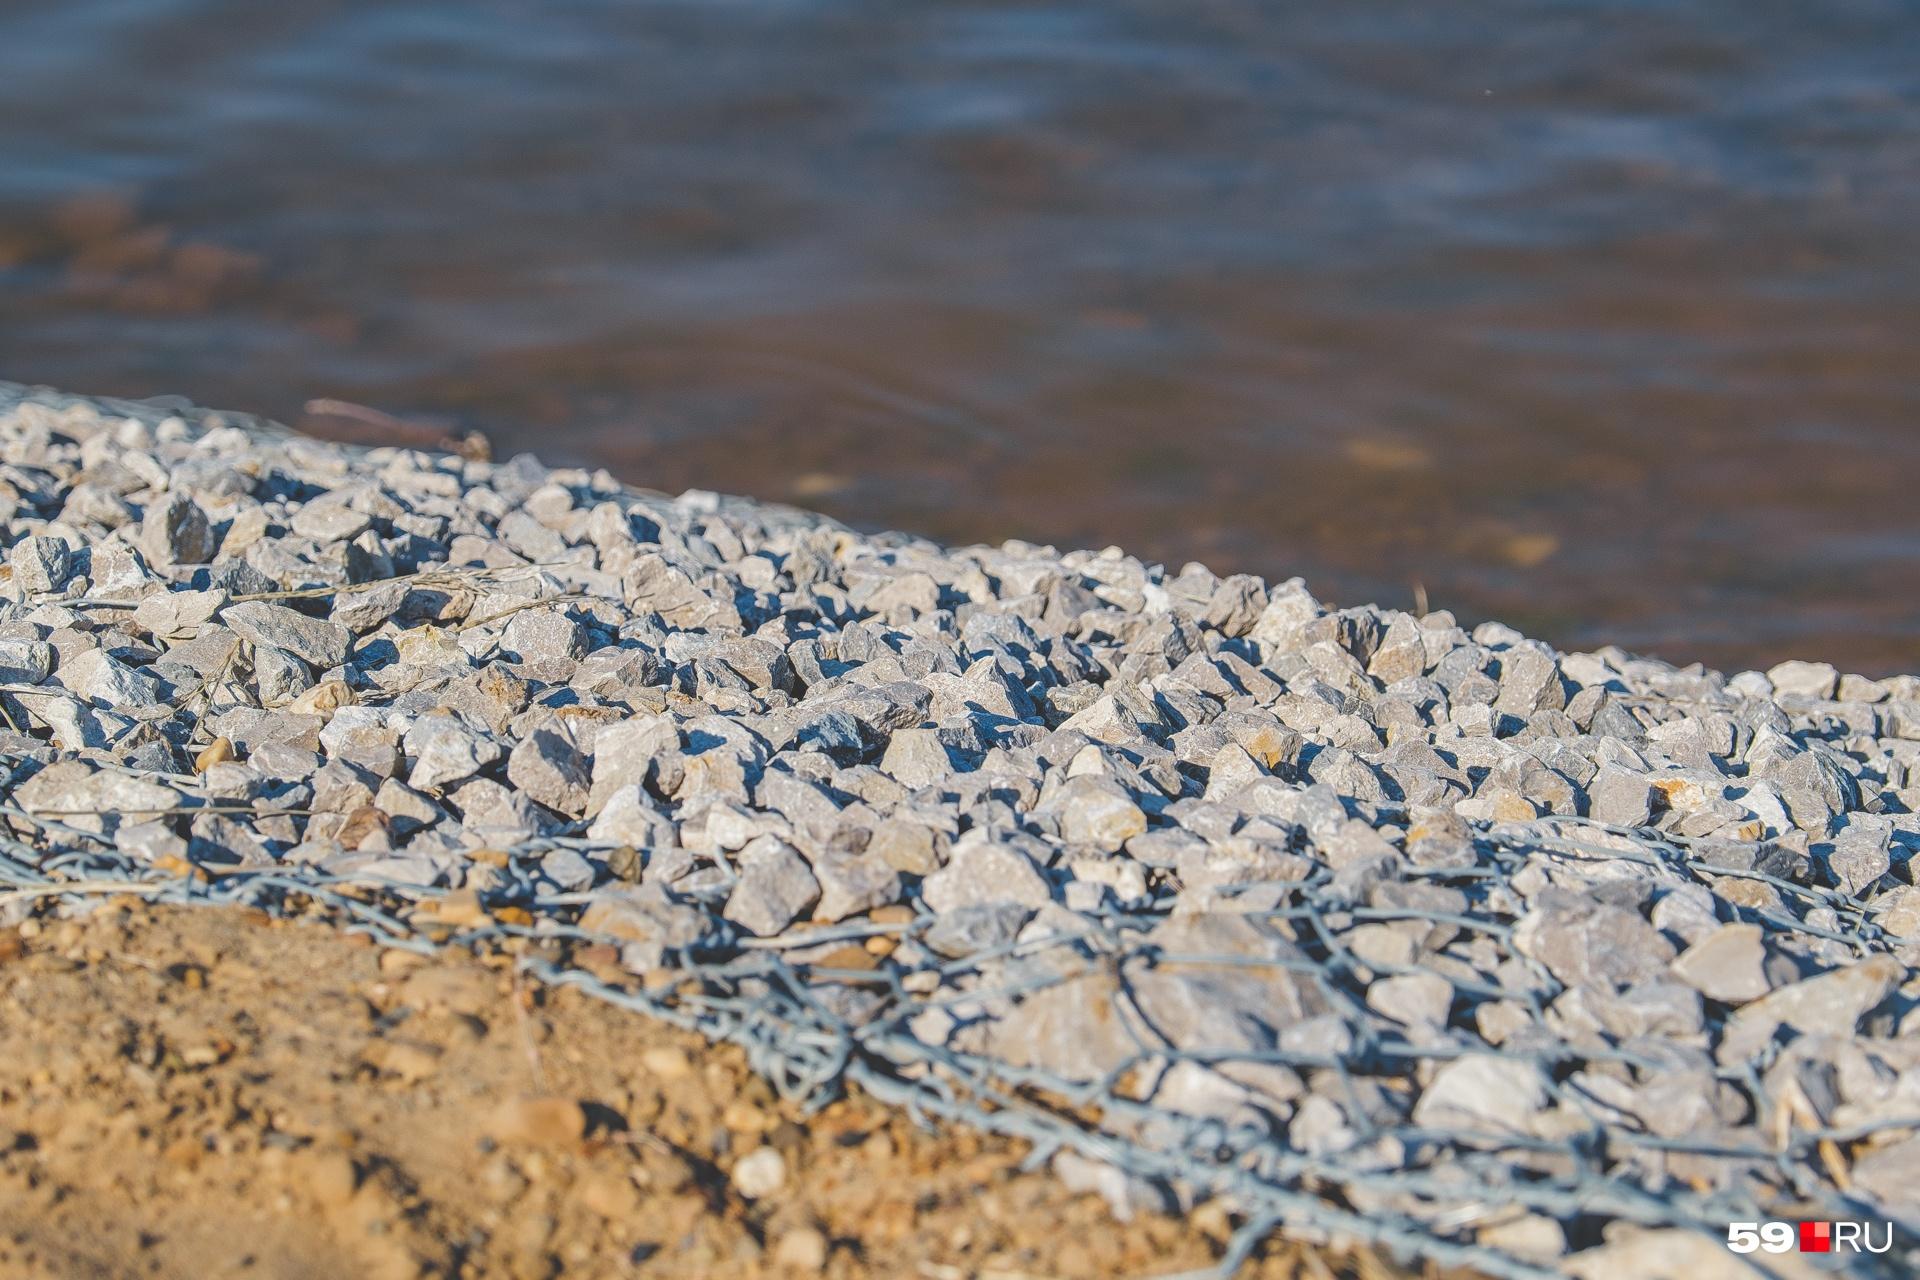 Берег укреплен сеткой и камнями